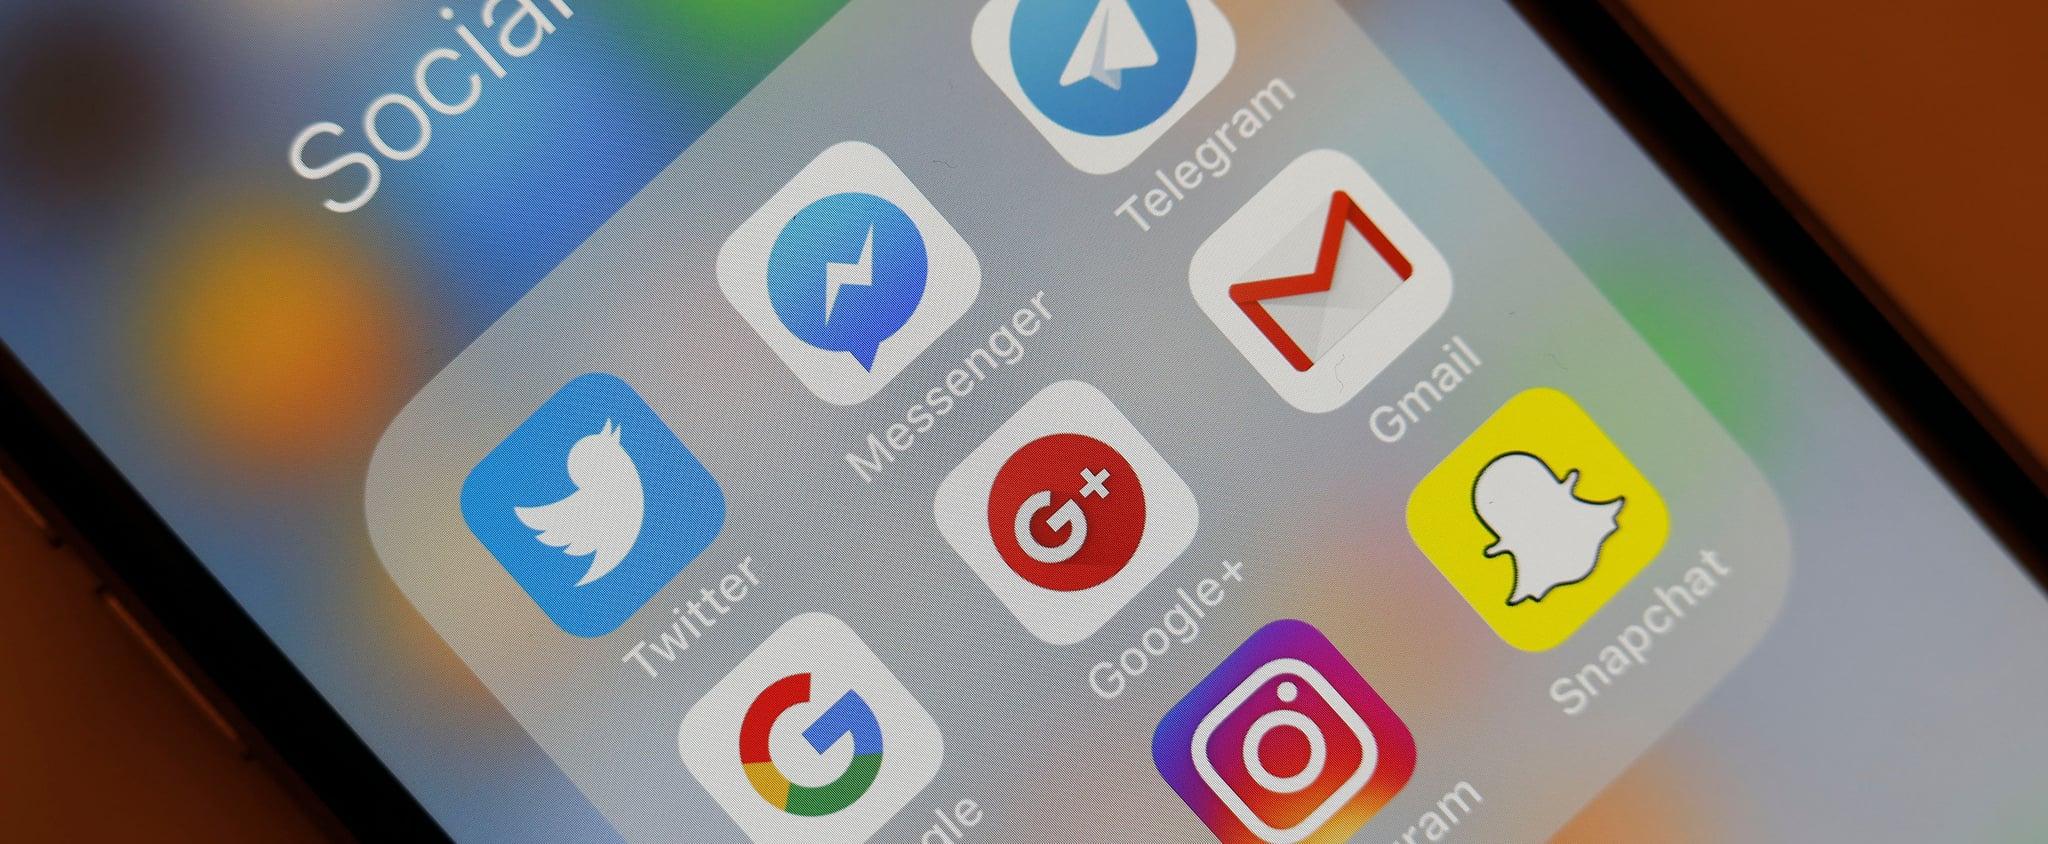 كيفية تحديد وسحب تطبيقات متعددة على الآيفون